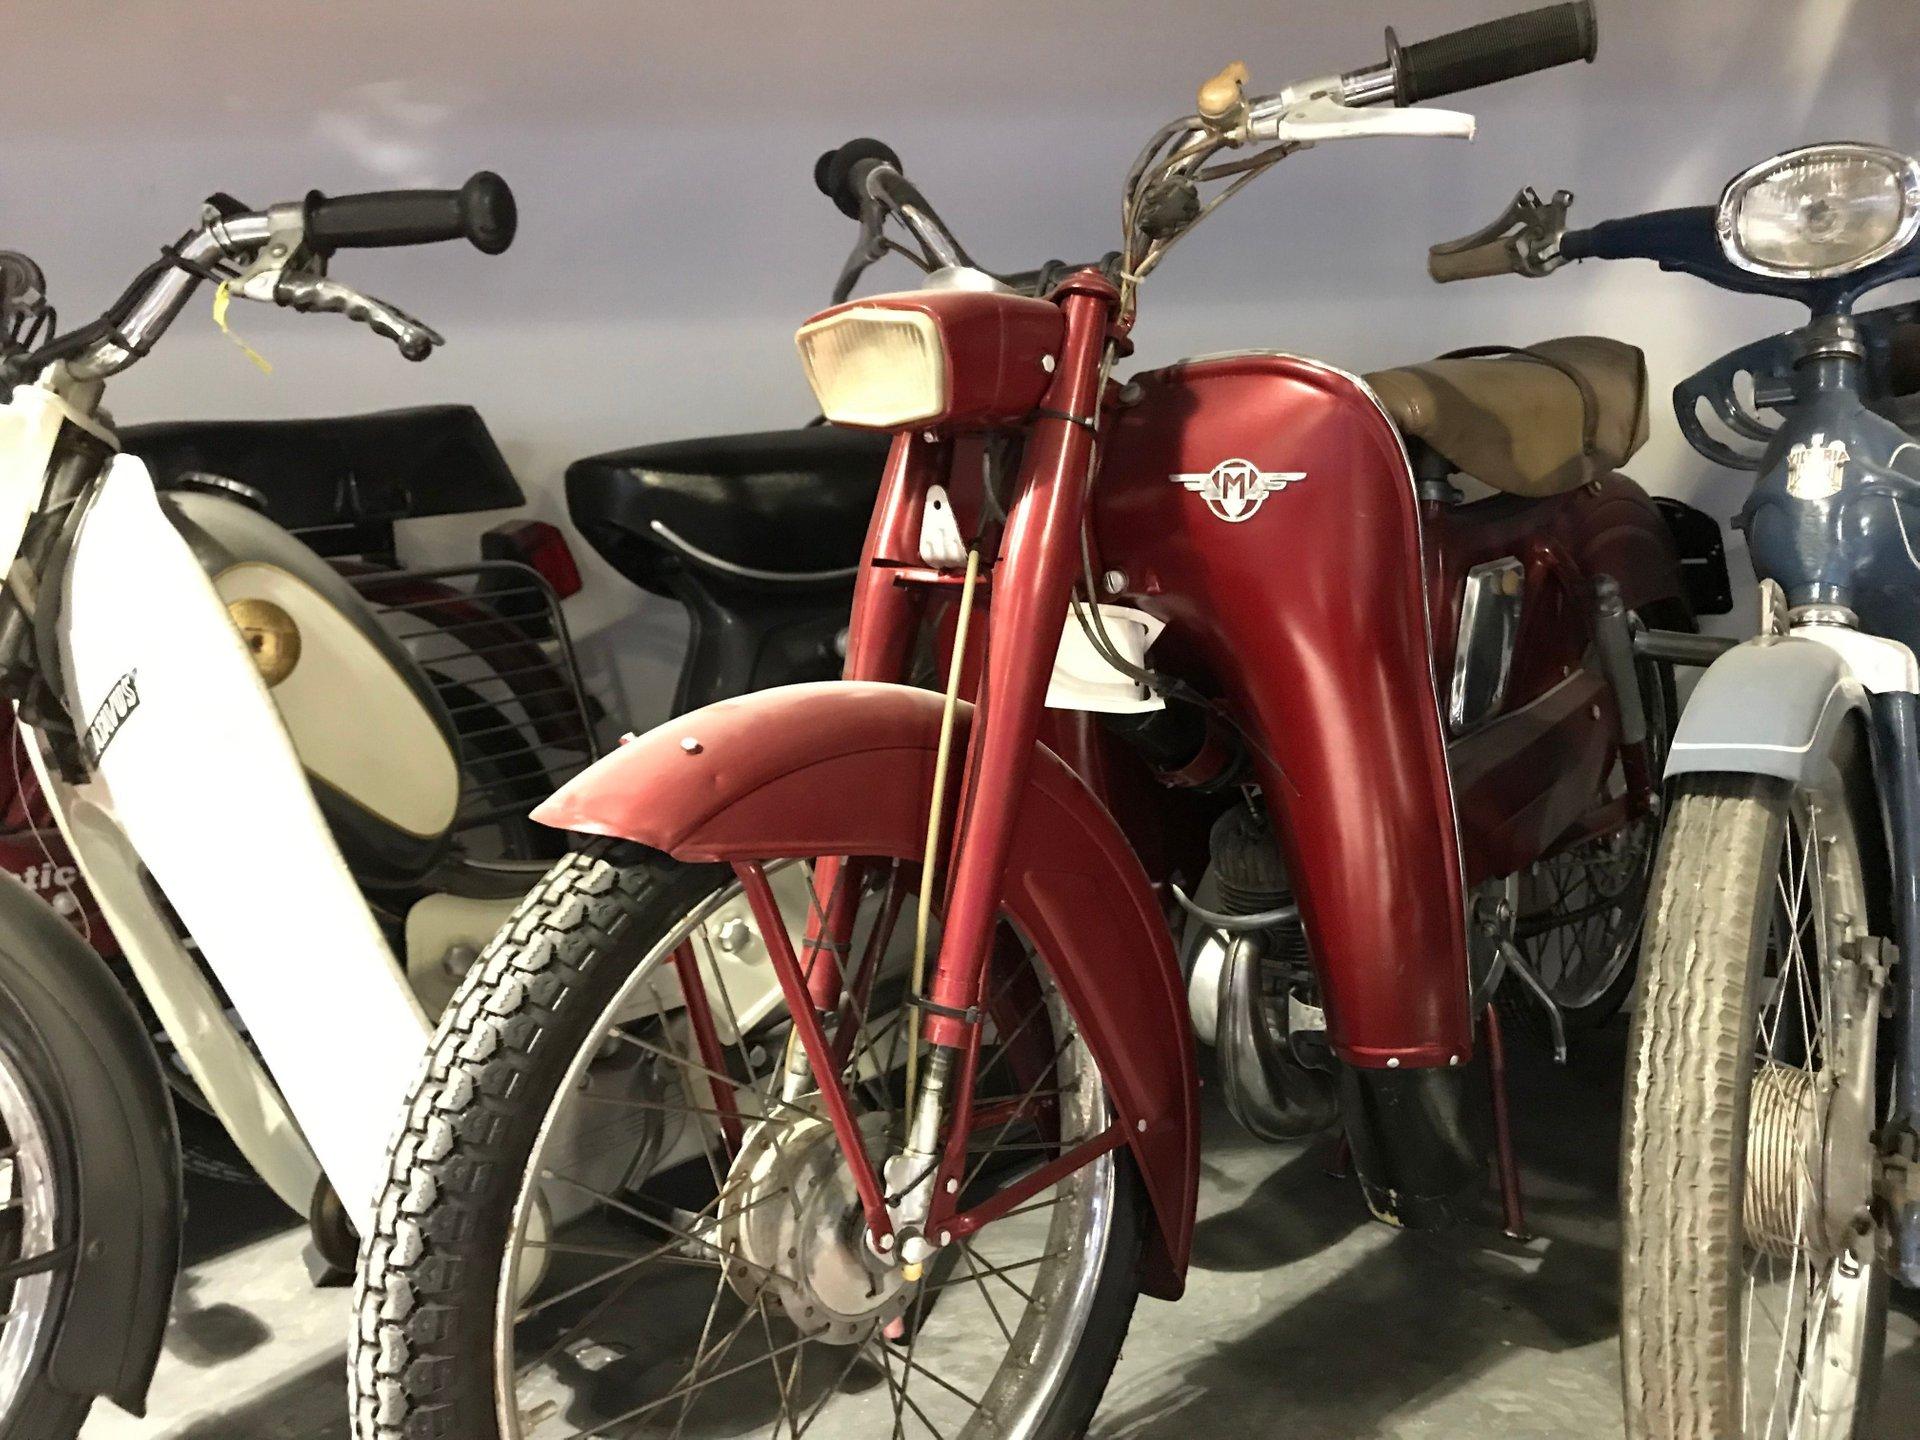 1978 motobecane 50v moby